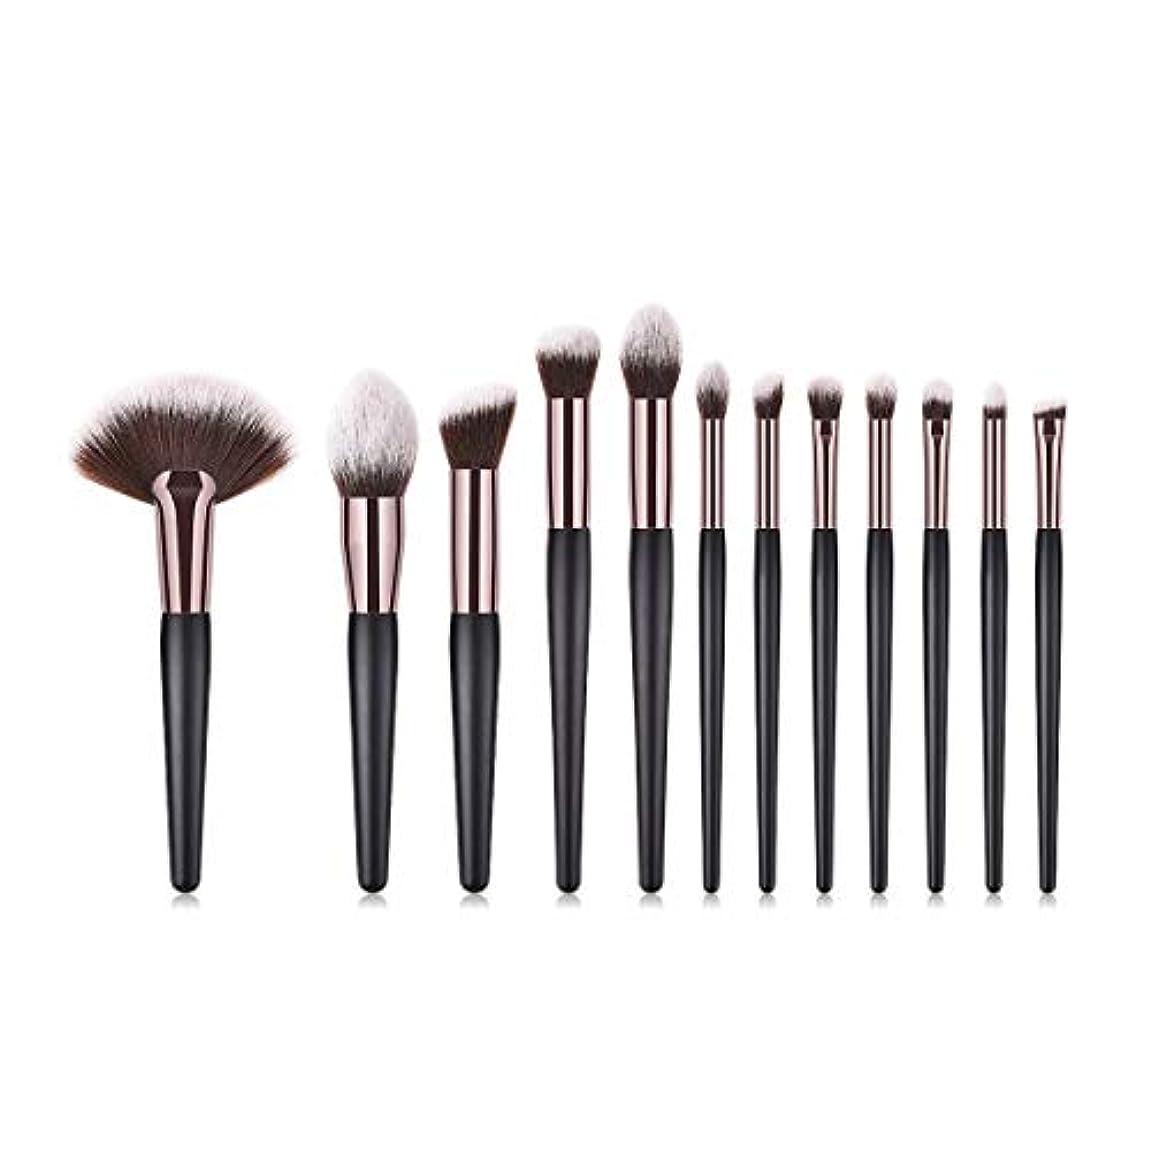 新鮮なモンゴメリーみなさんMakeup brushes 12化粧ブラシファンデーションブラシパウダーピンクブラッシュブラシアイシャドウブラシハイスクールグロスシルエットブラシセットブラシホワイト suits (Color : Black Gold)